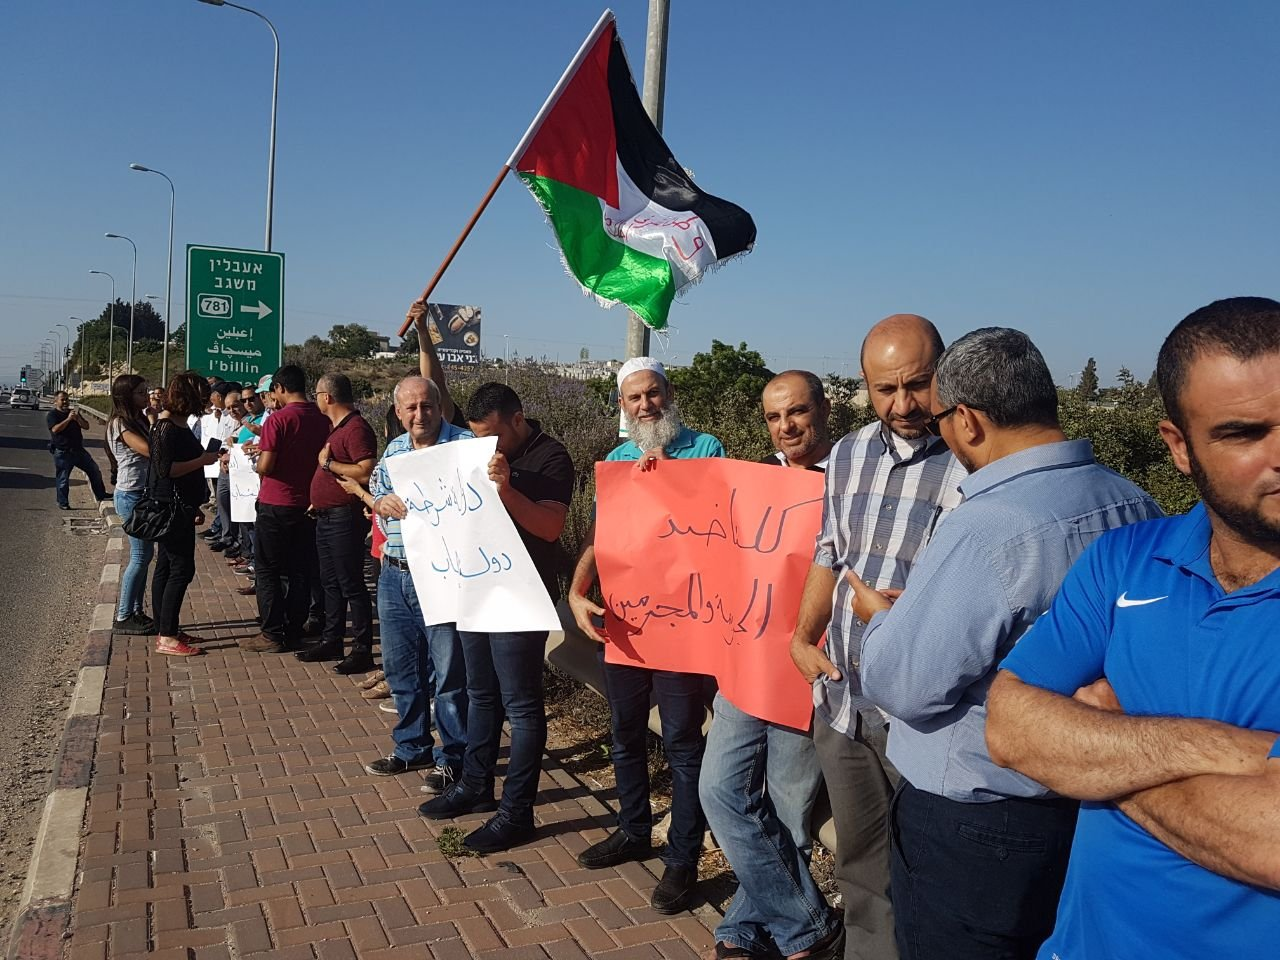 تظاهرة حاشدة على مفرق الناعمة تنديدا باحداث كفرقاسم